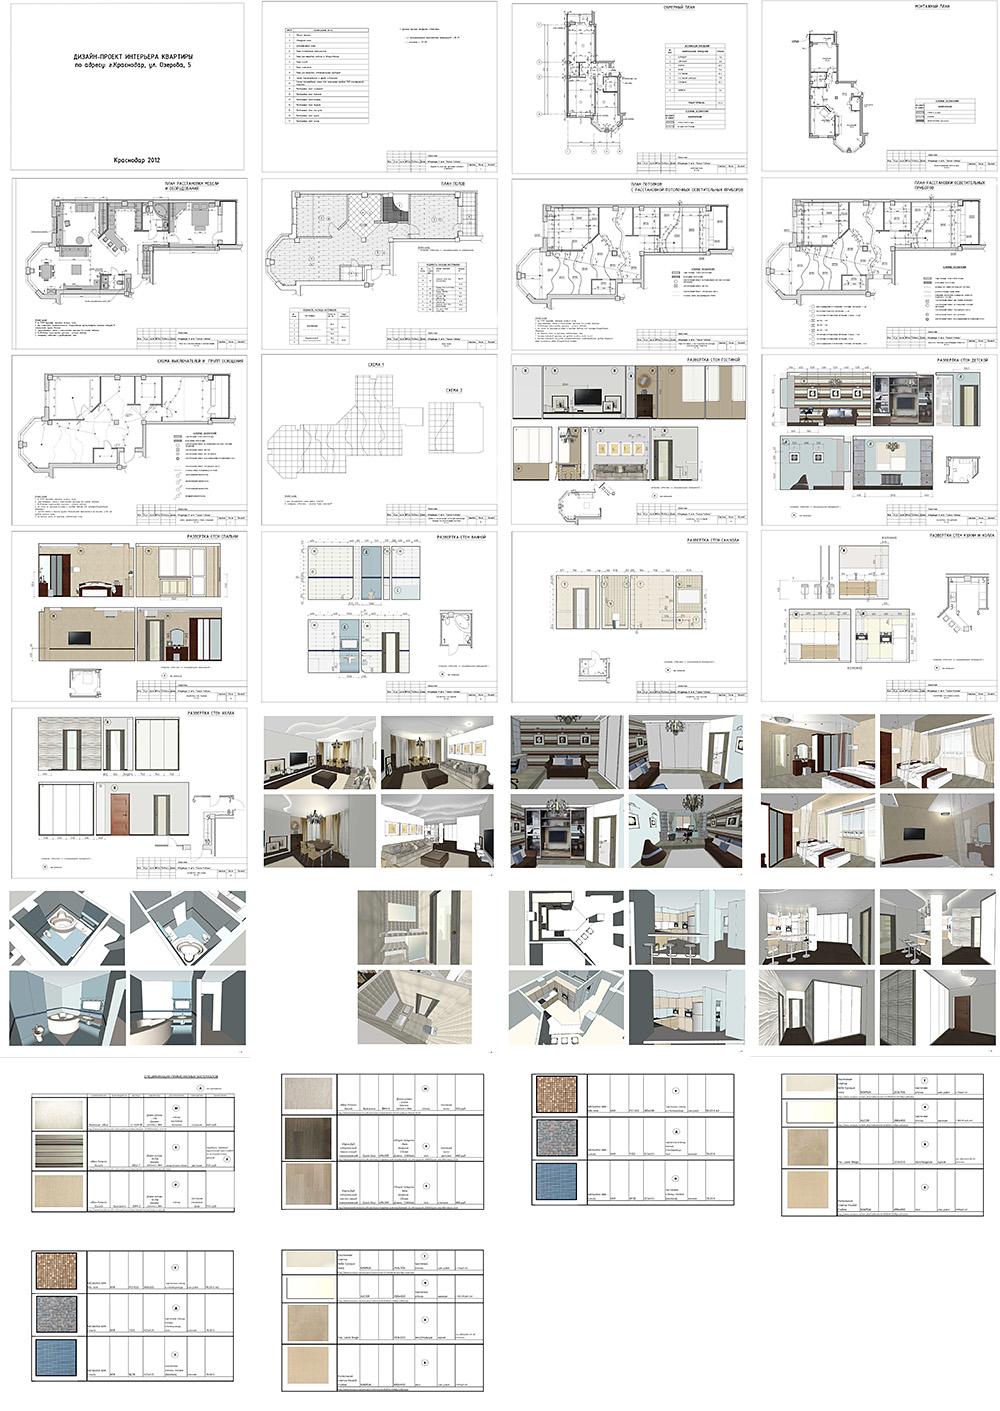 Евгения Устинова Система Дизайн интерьеров Дипломный проект  Техническое задание pdf Превью дизайн проект